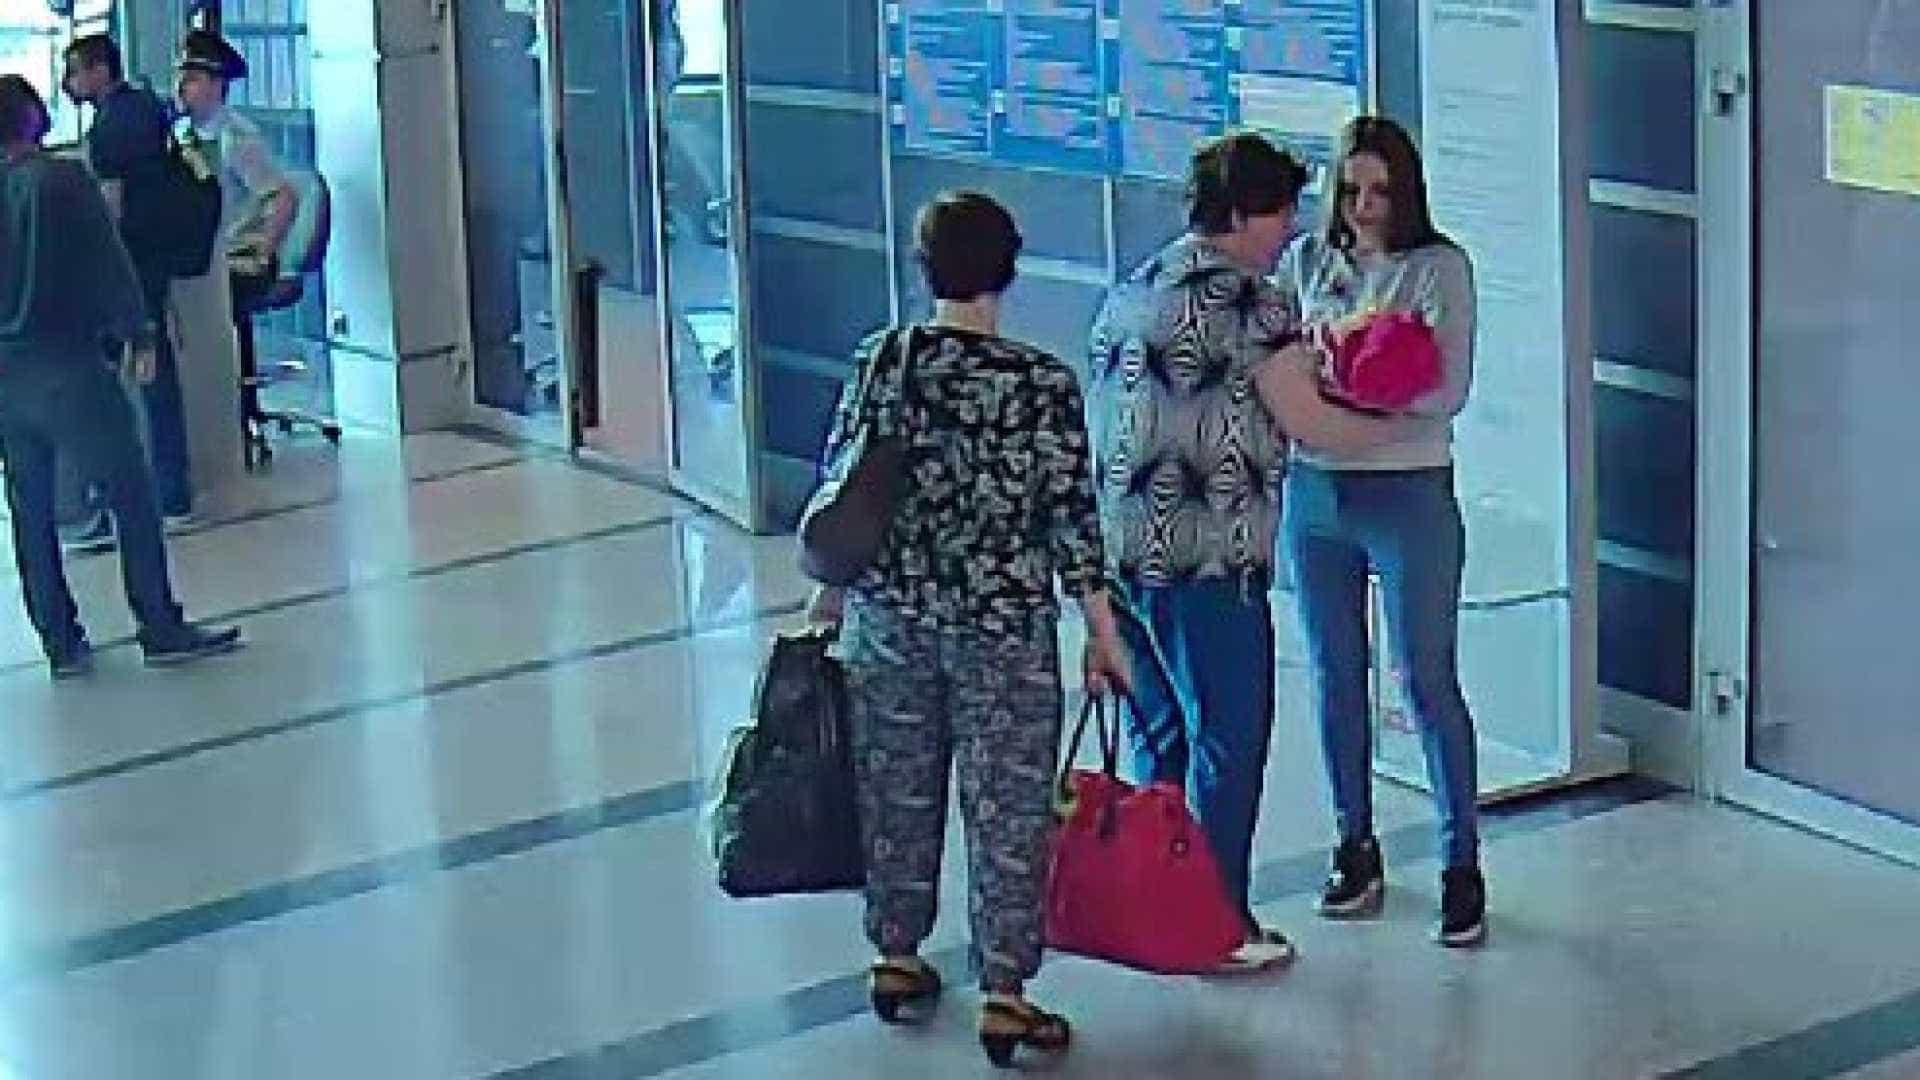 Em vídeo, mãe vende filha recém-nascida a desconhecida